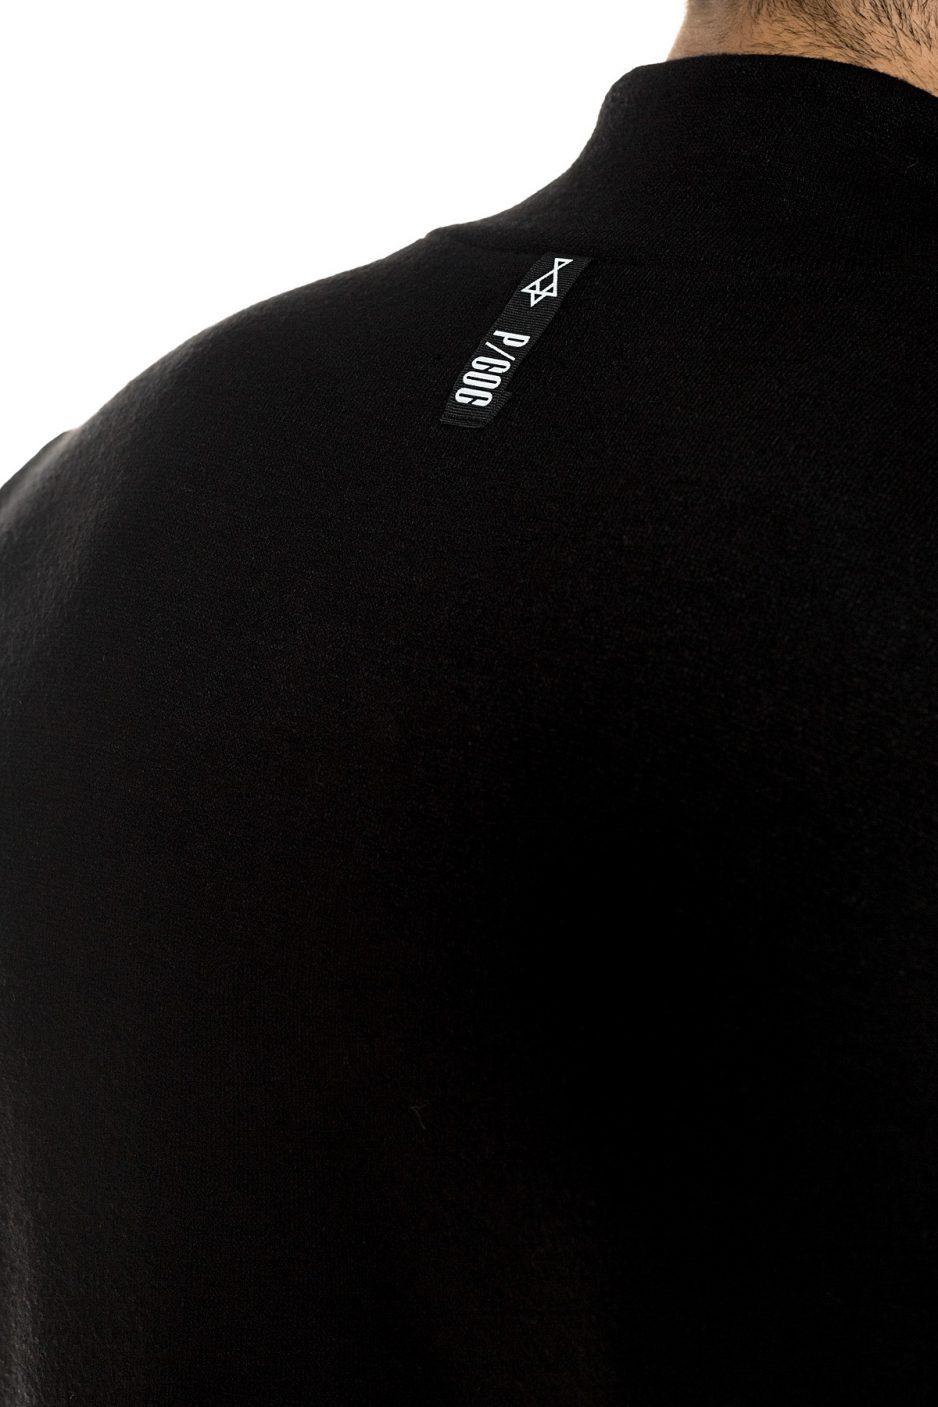 Black knitted turtleneck